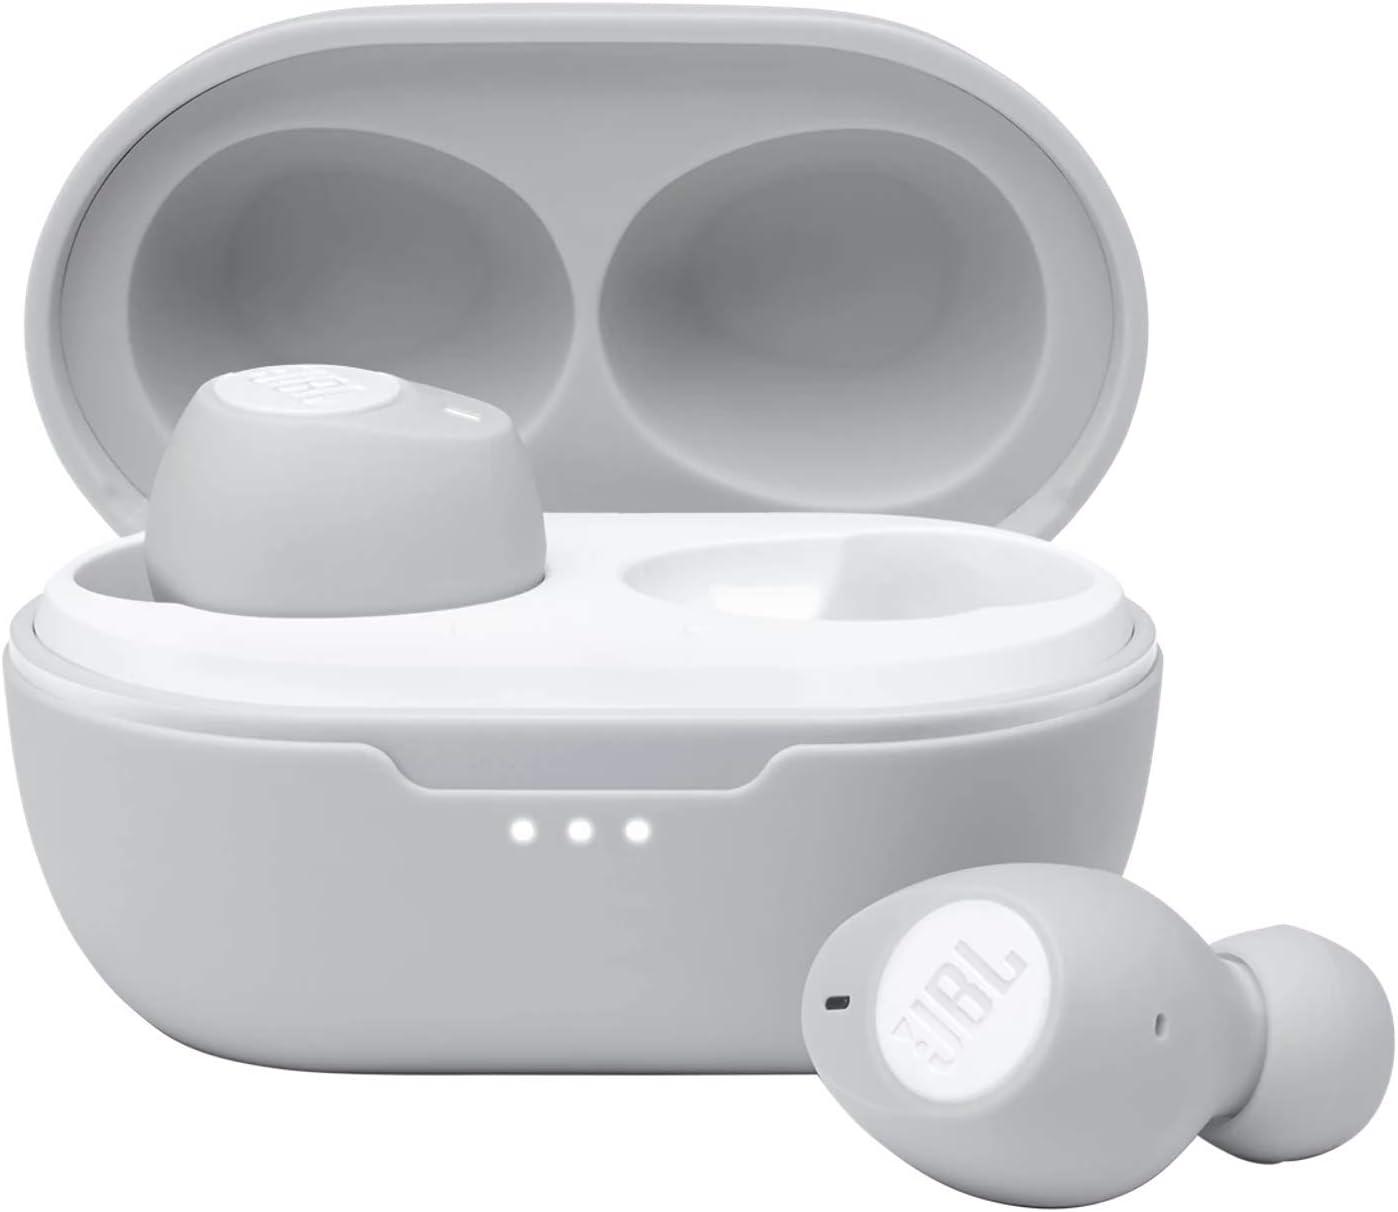 Jbl Tune 115 Tws True Wireless In Ear Kopfhörer In Weiß Elektronik